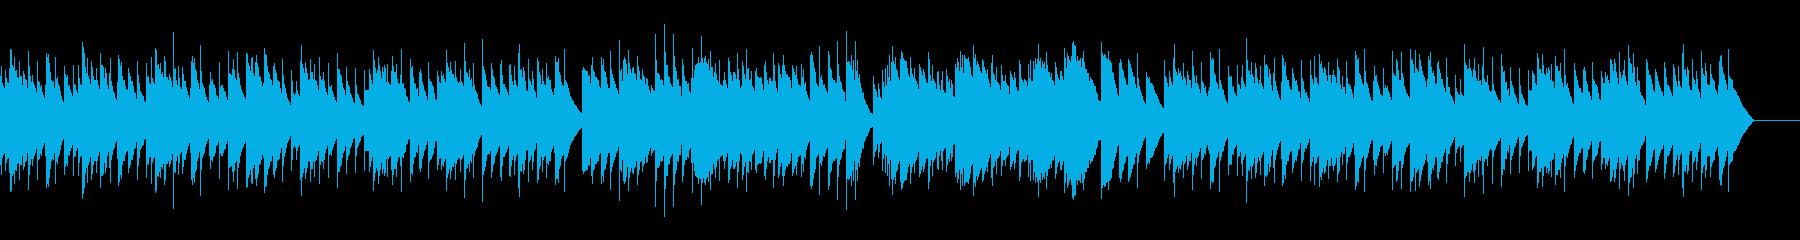 ゴセック ガヴォット(オルゴール)の再生済みの波形